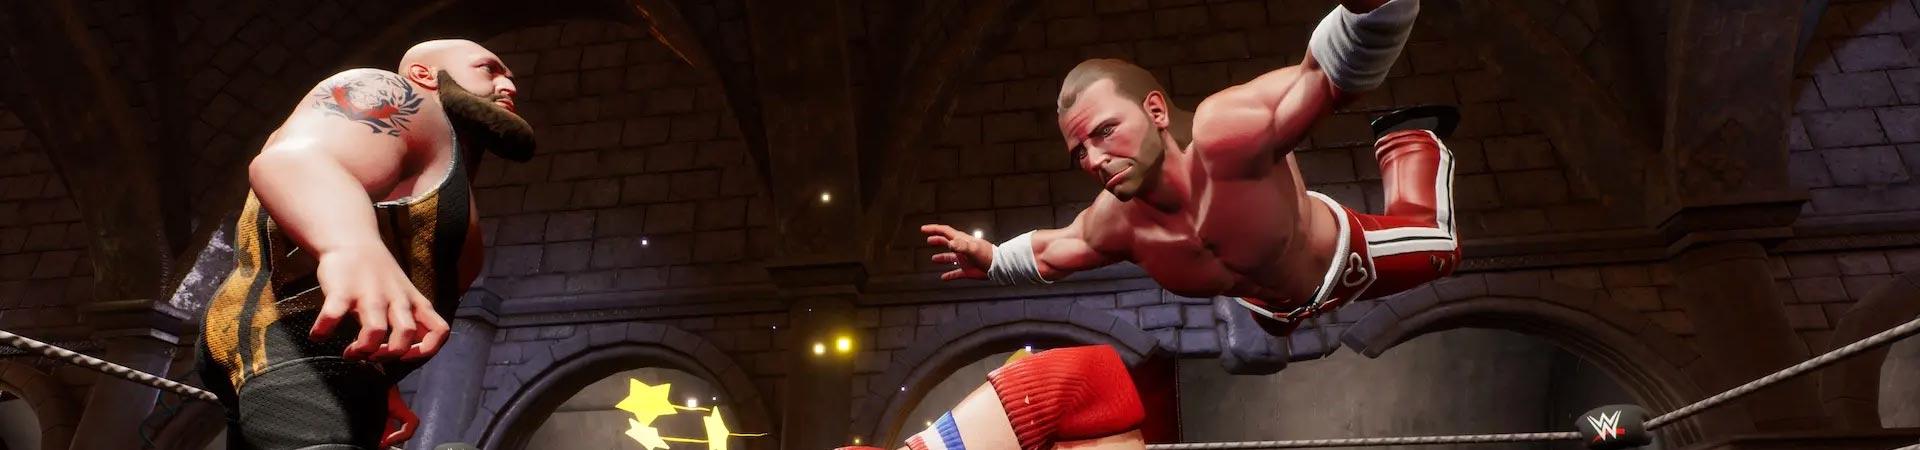 MainSlider-WWE2KBattlegrounds